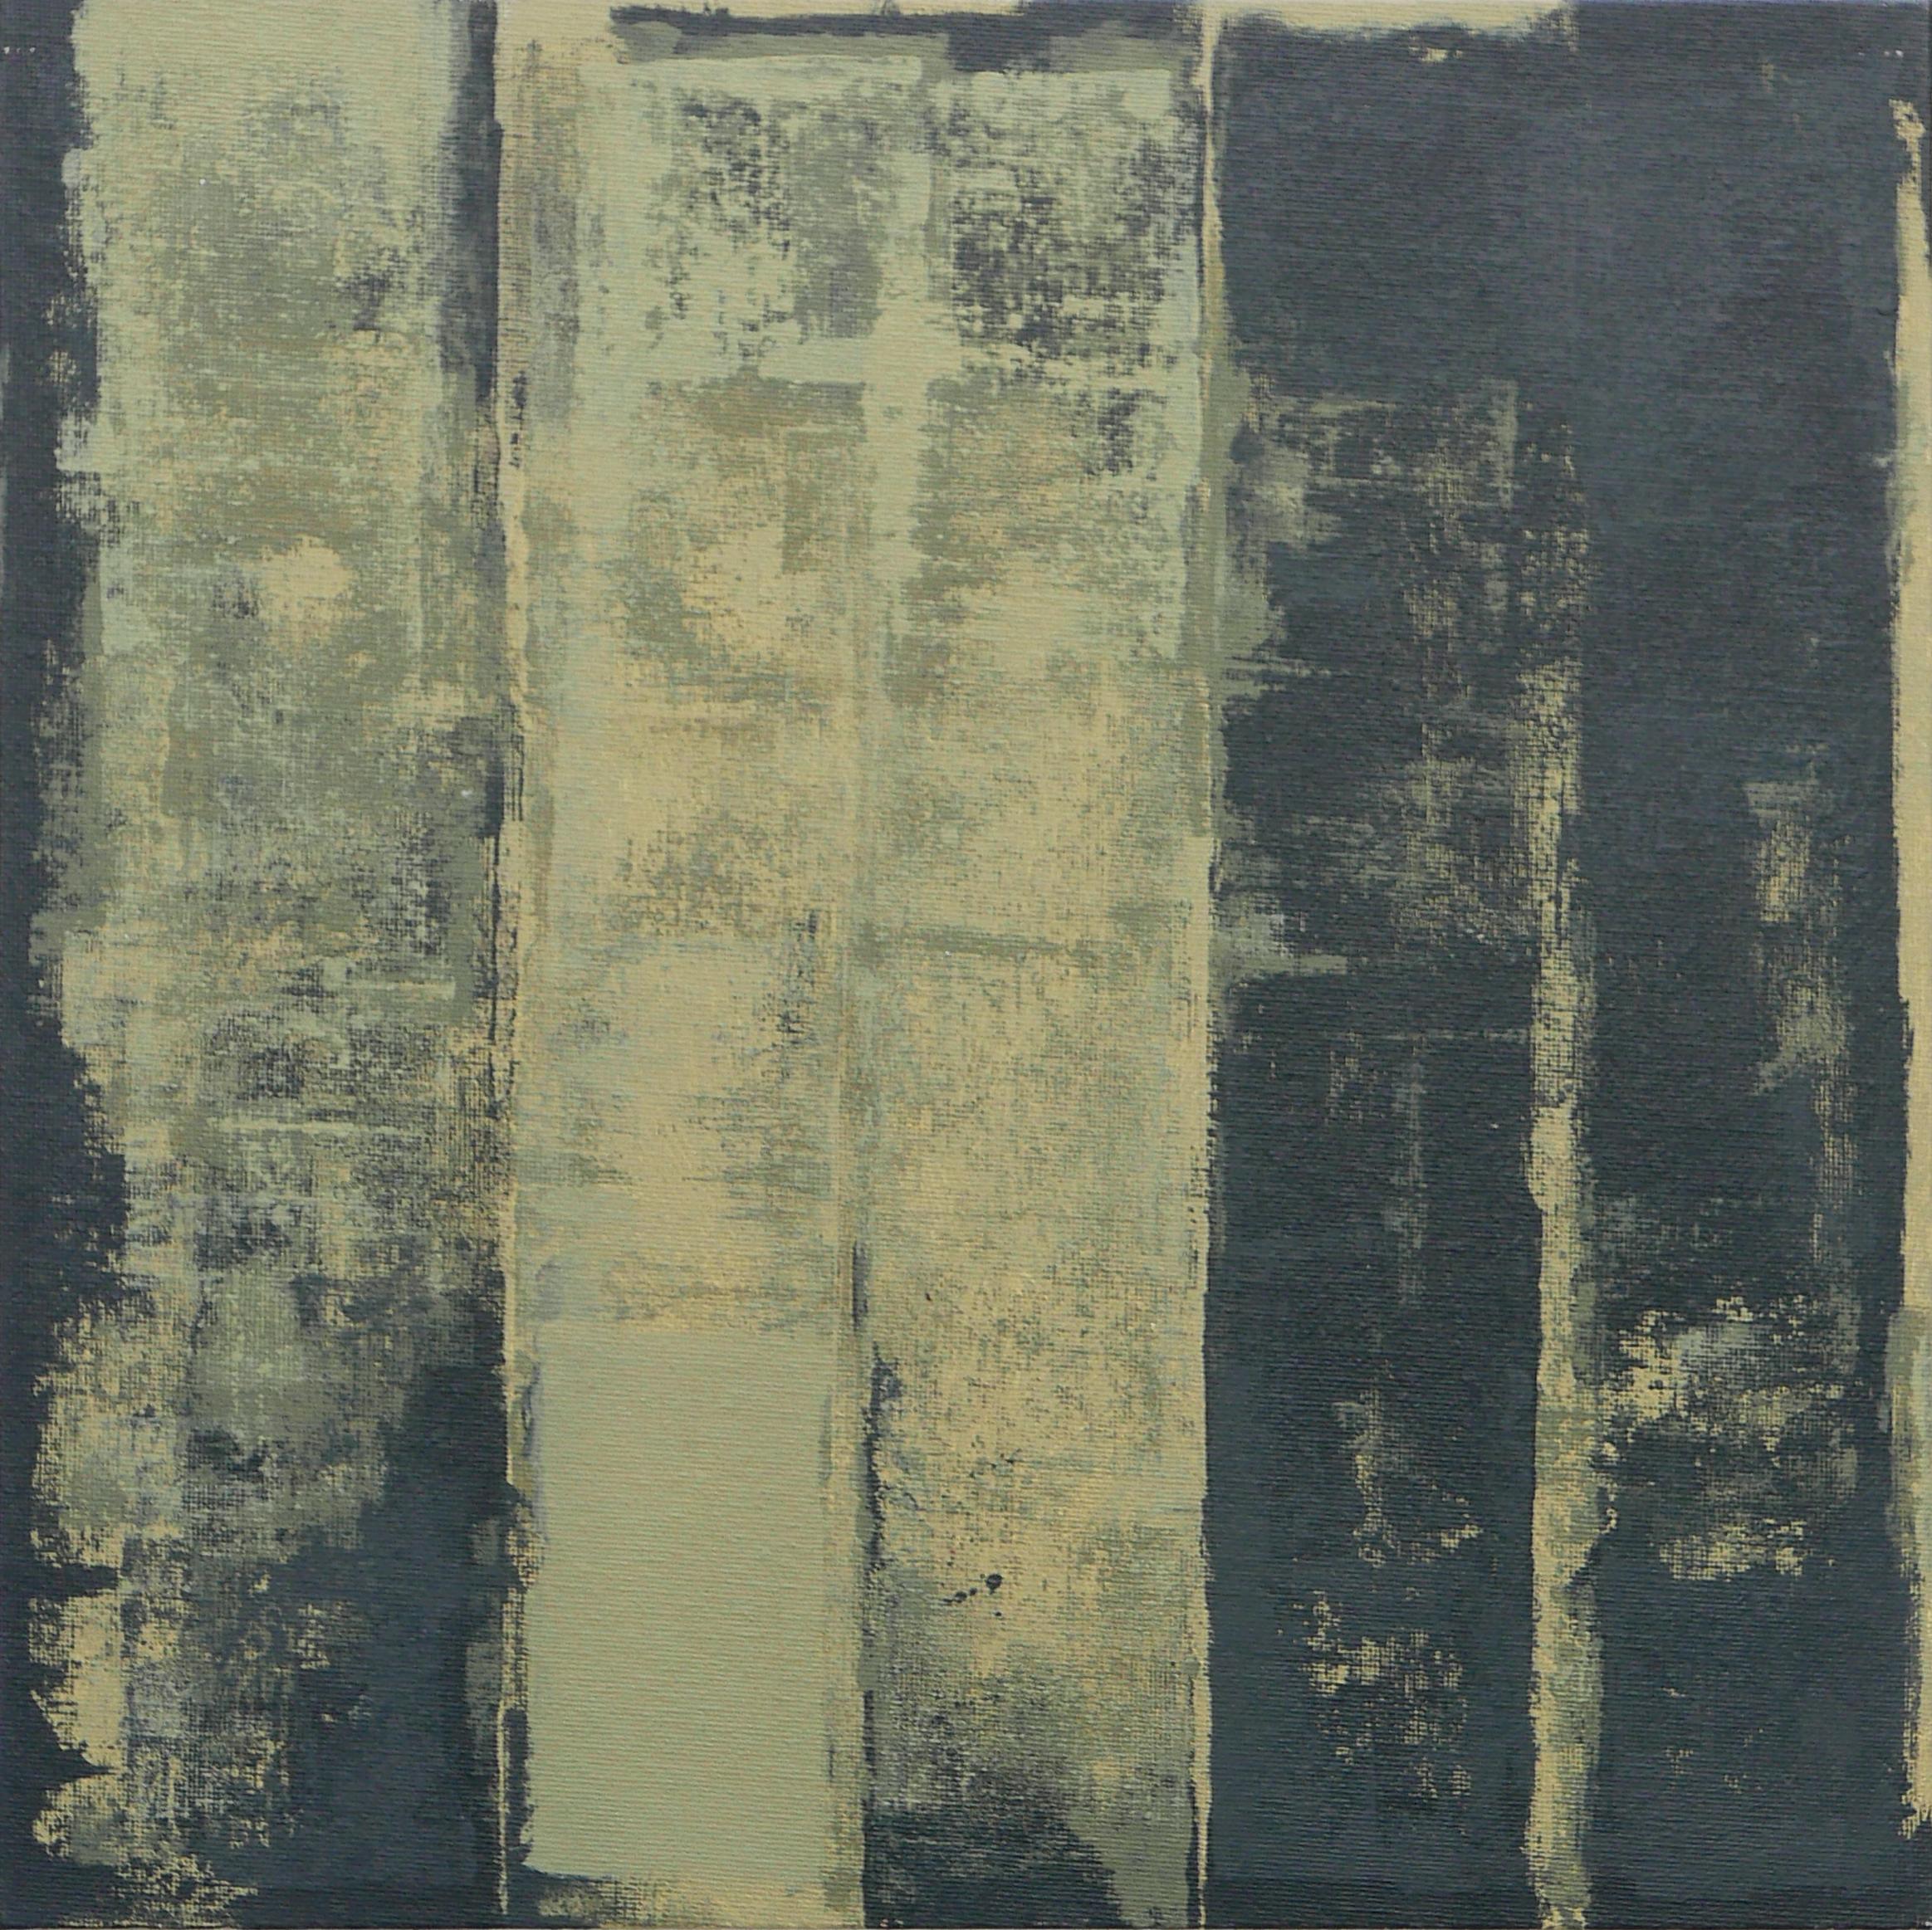 Talus. Acrylic on canvas panel, 340 X 340 (framed)